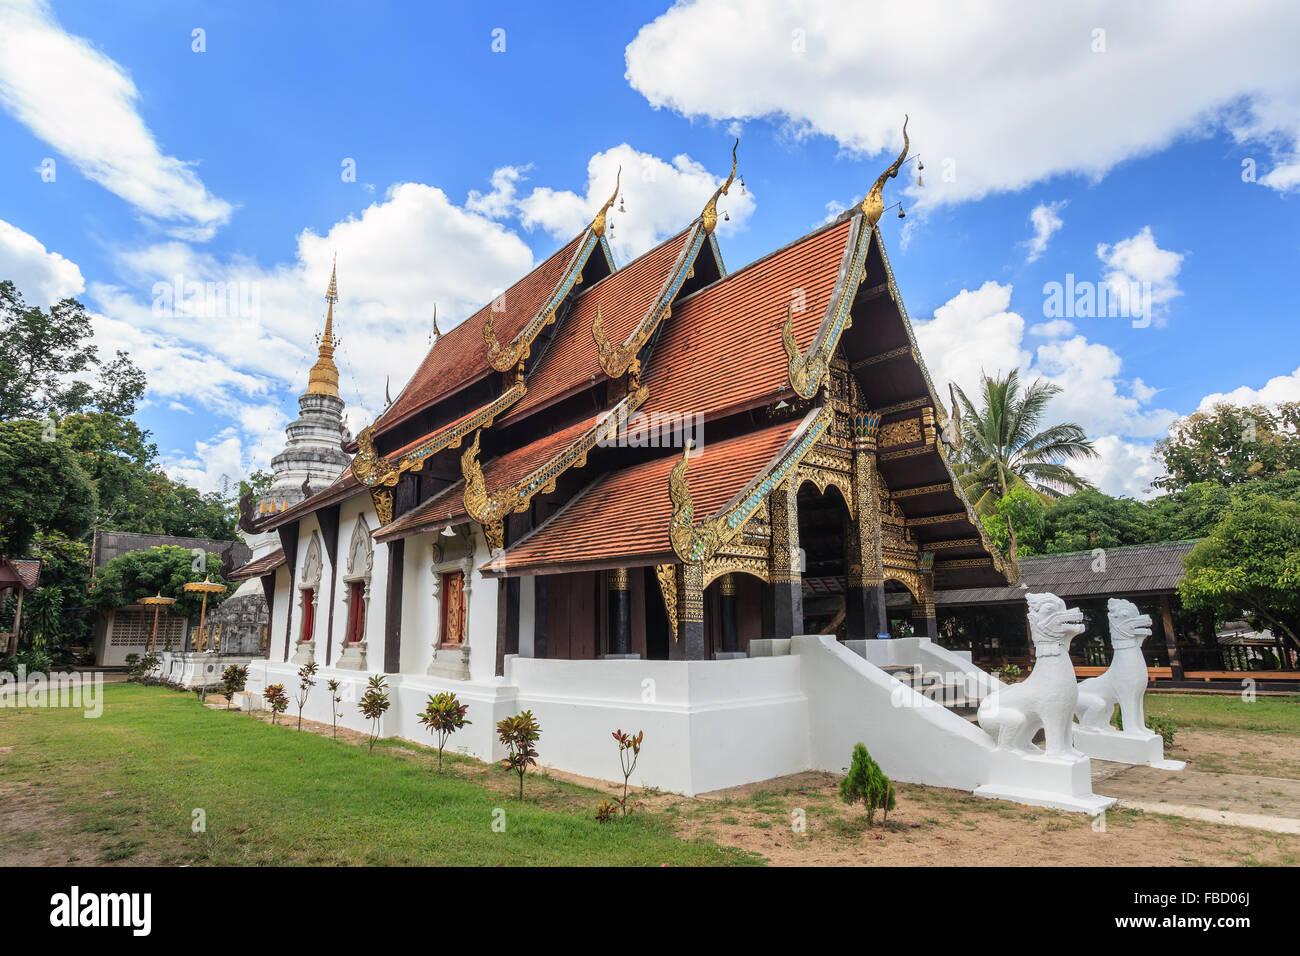 Vieux temple à Chiang Mai - Thaïlande Photo Stock